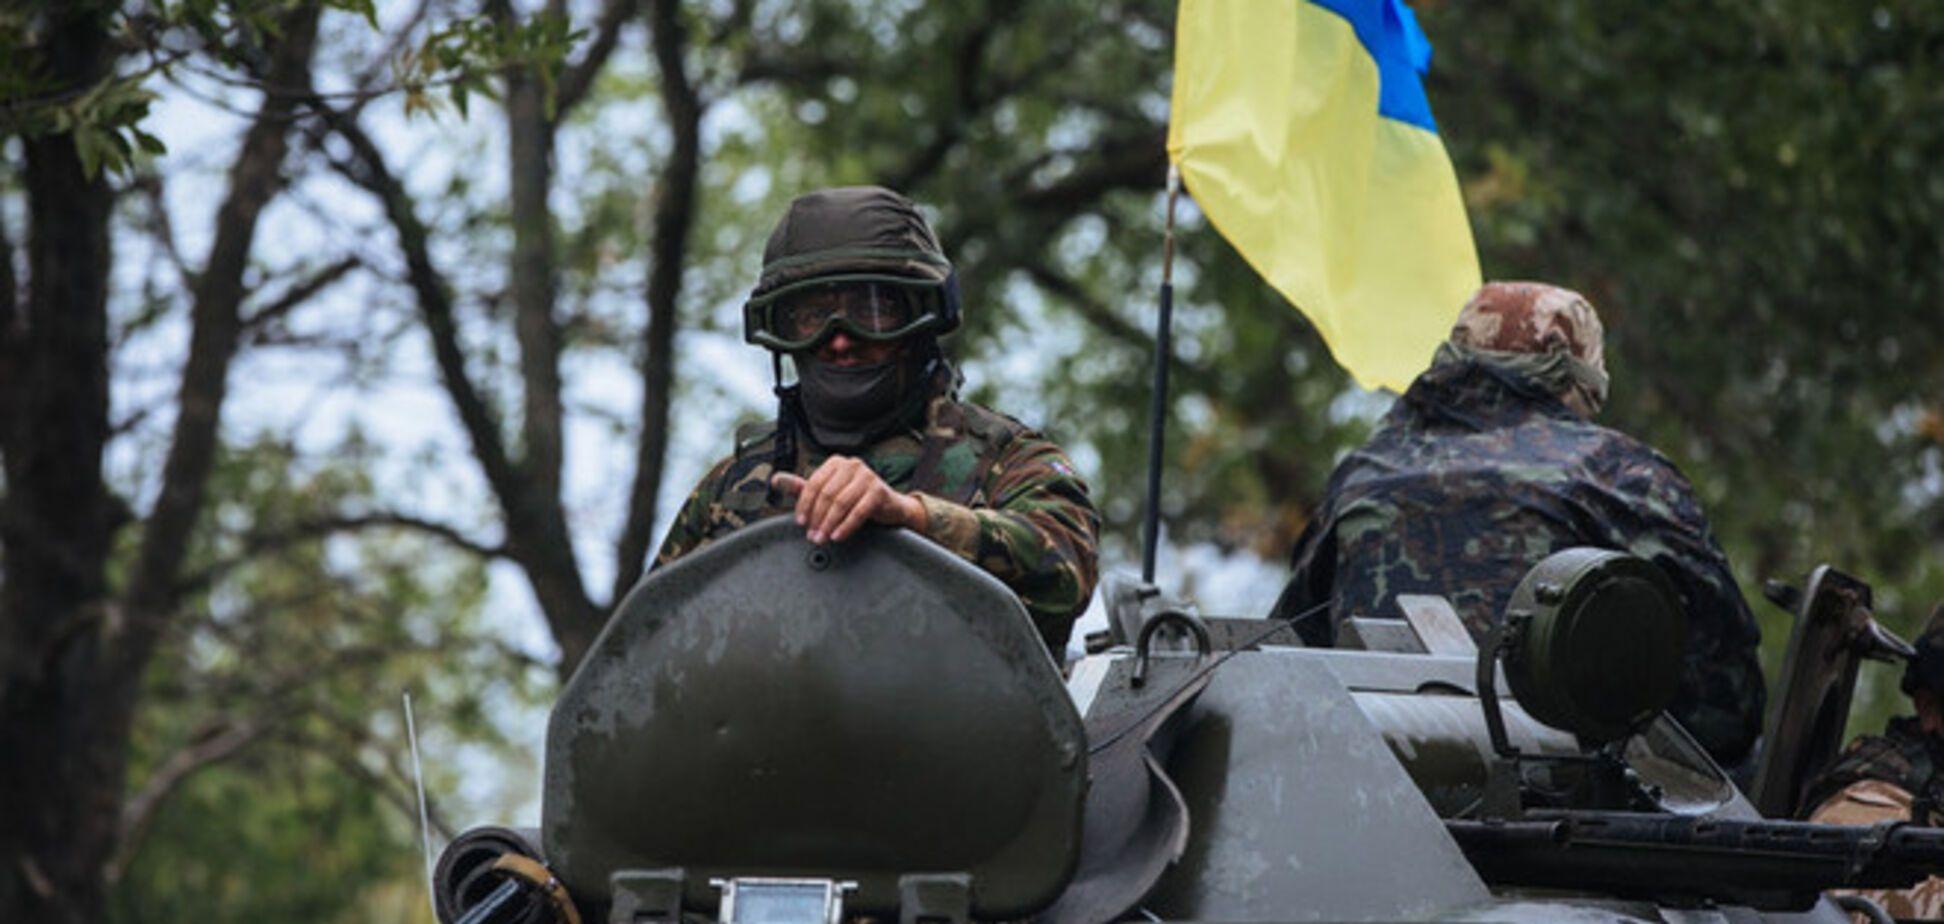 Из-за слепой люстрации украинская армия теряет профессионалов и патриотов - Кабаненко